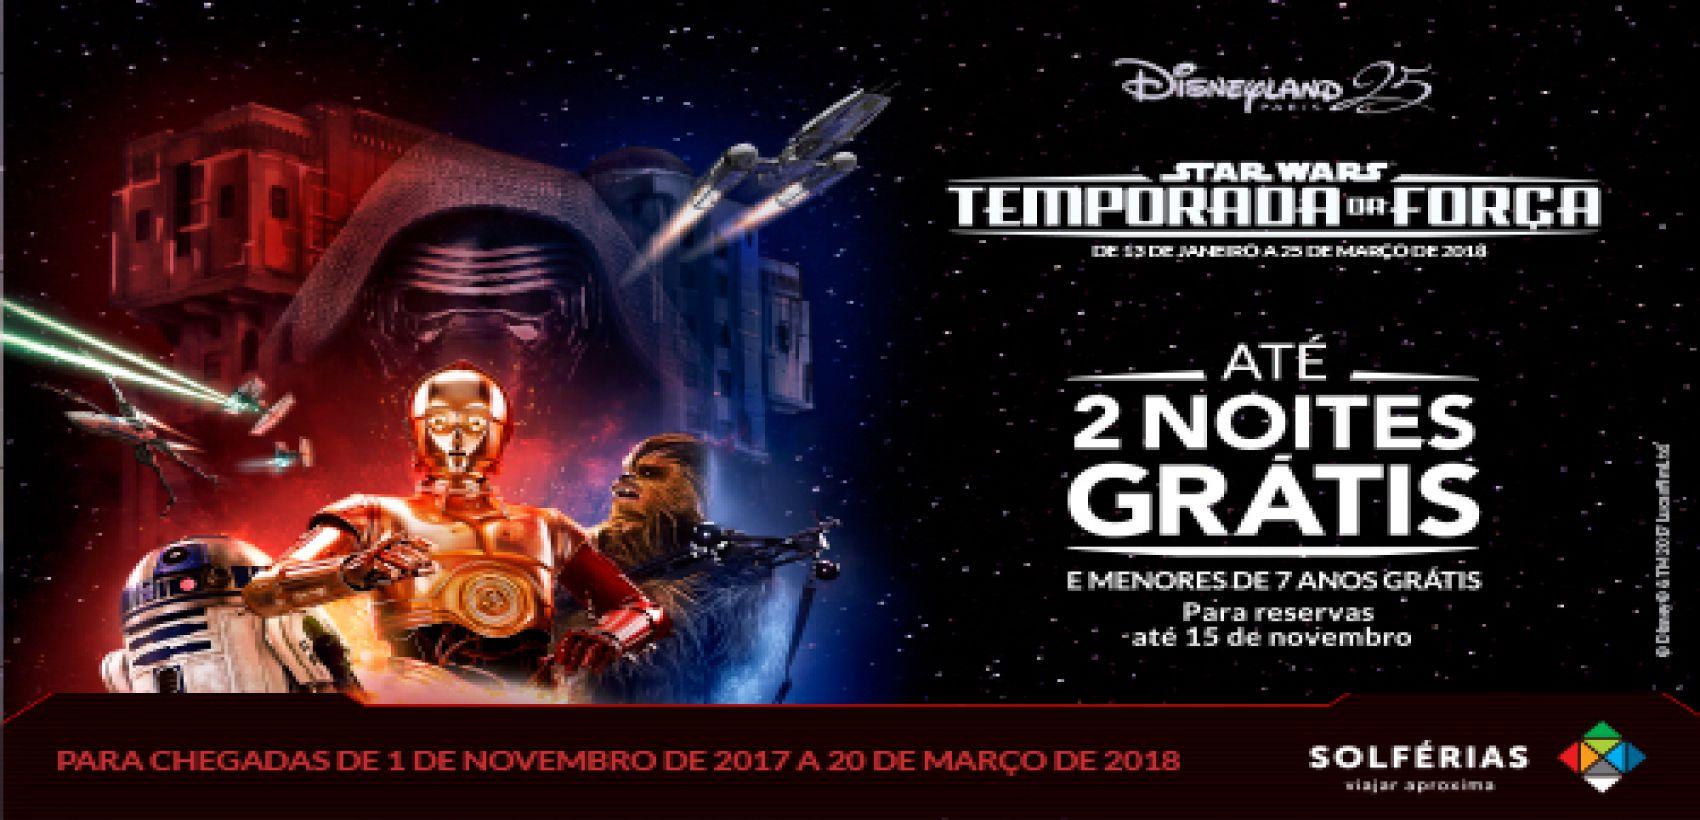 Disneyland® Paris | Temporada da Força: Allot TP | 3=2